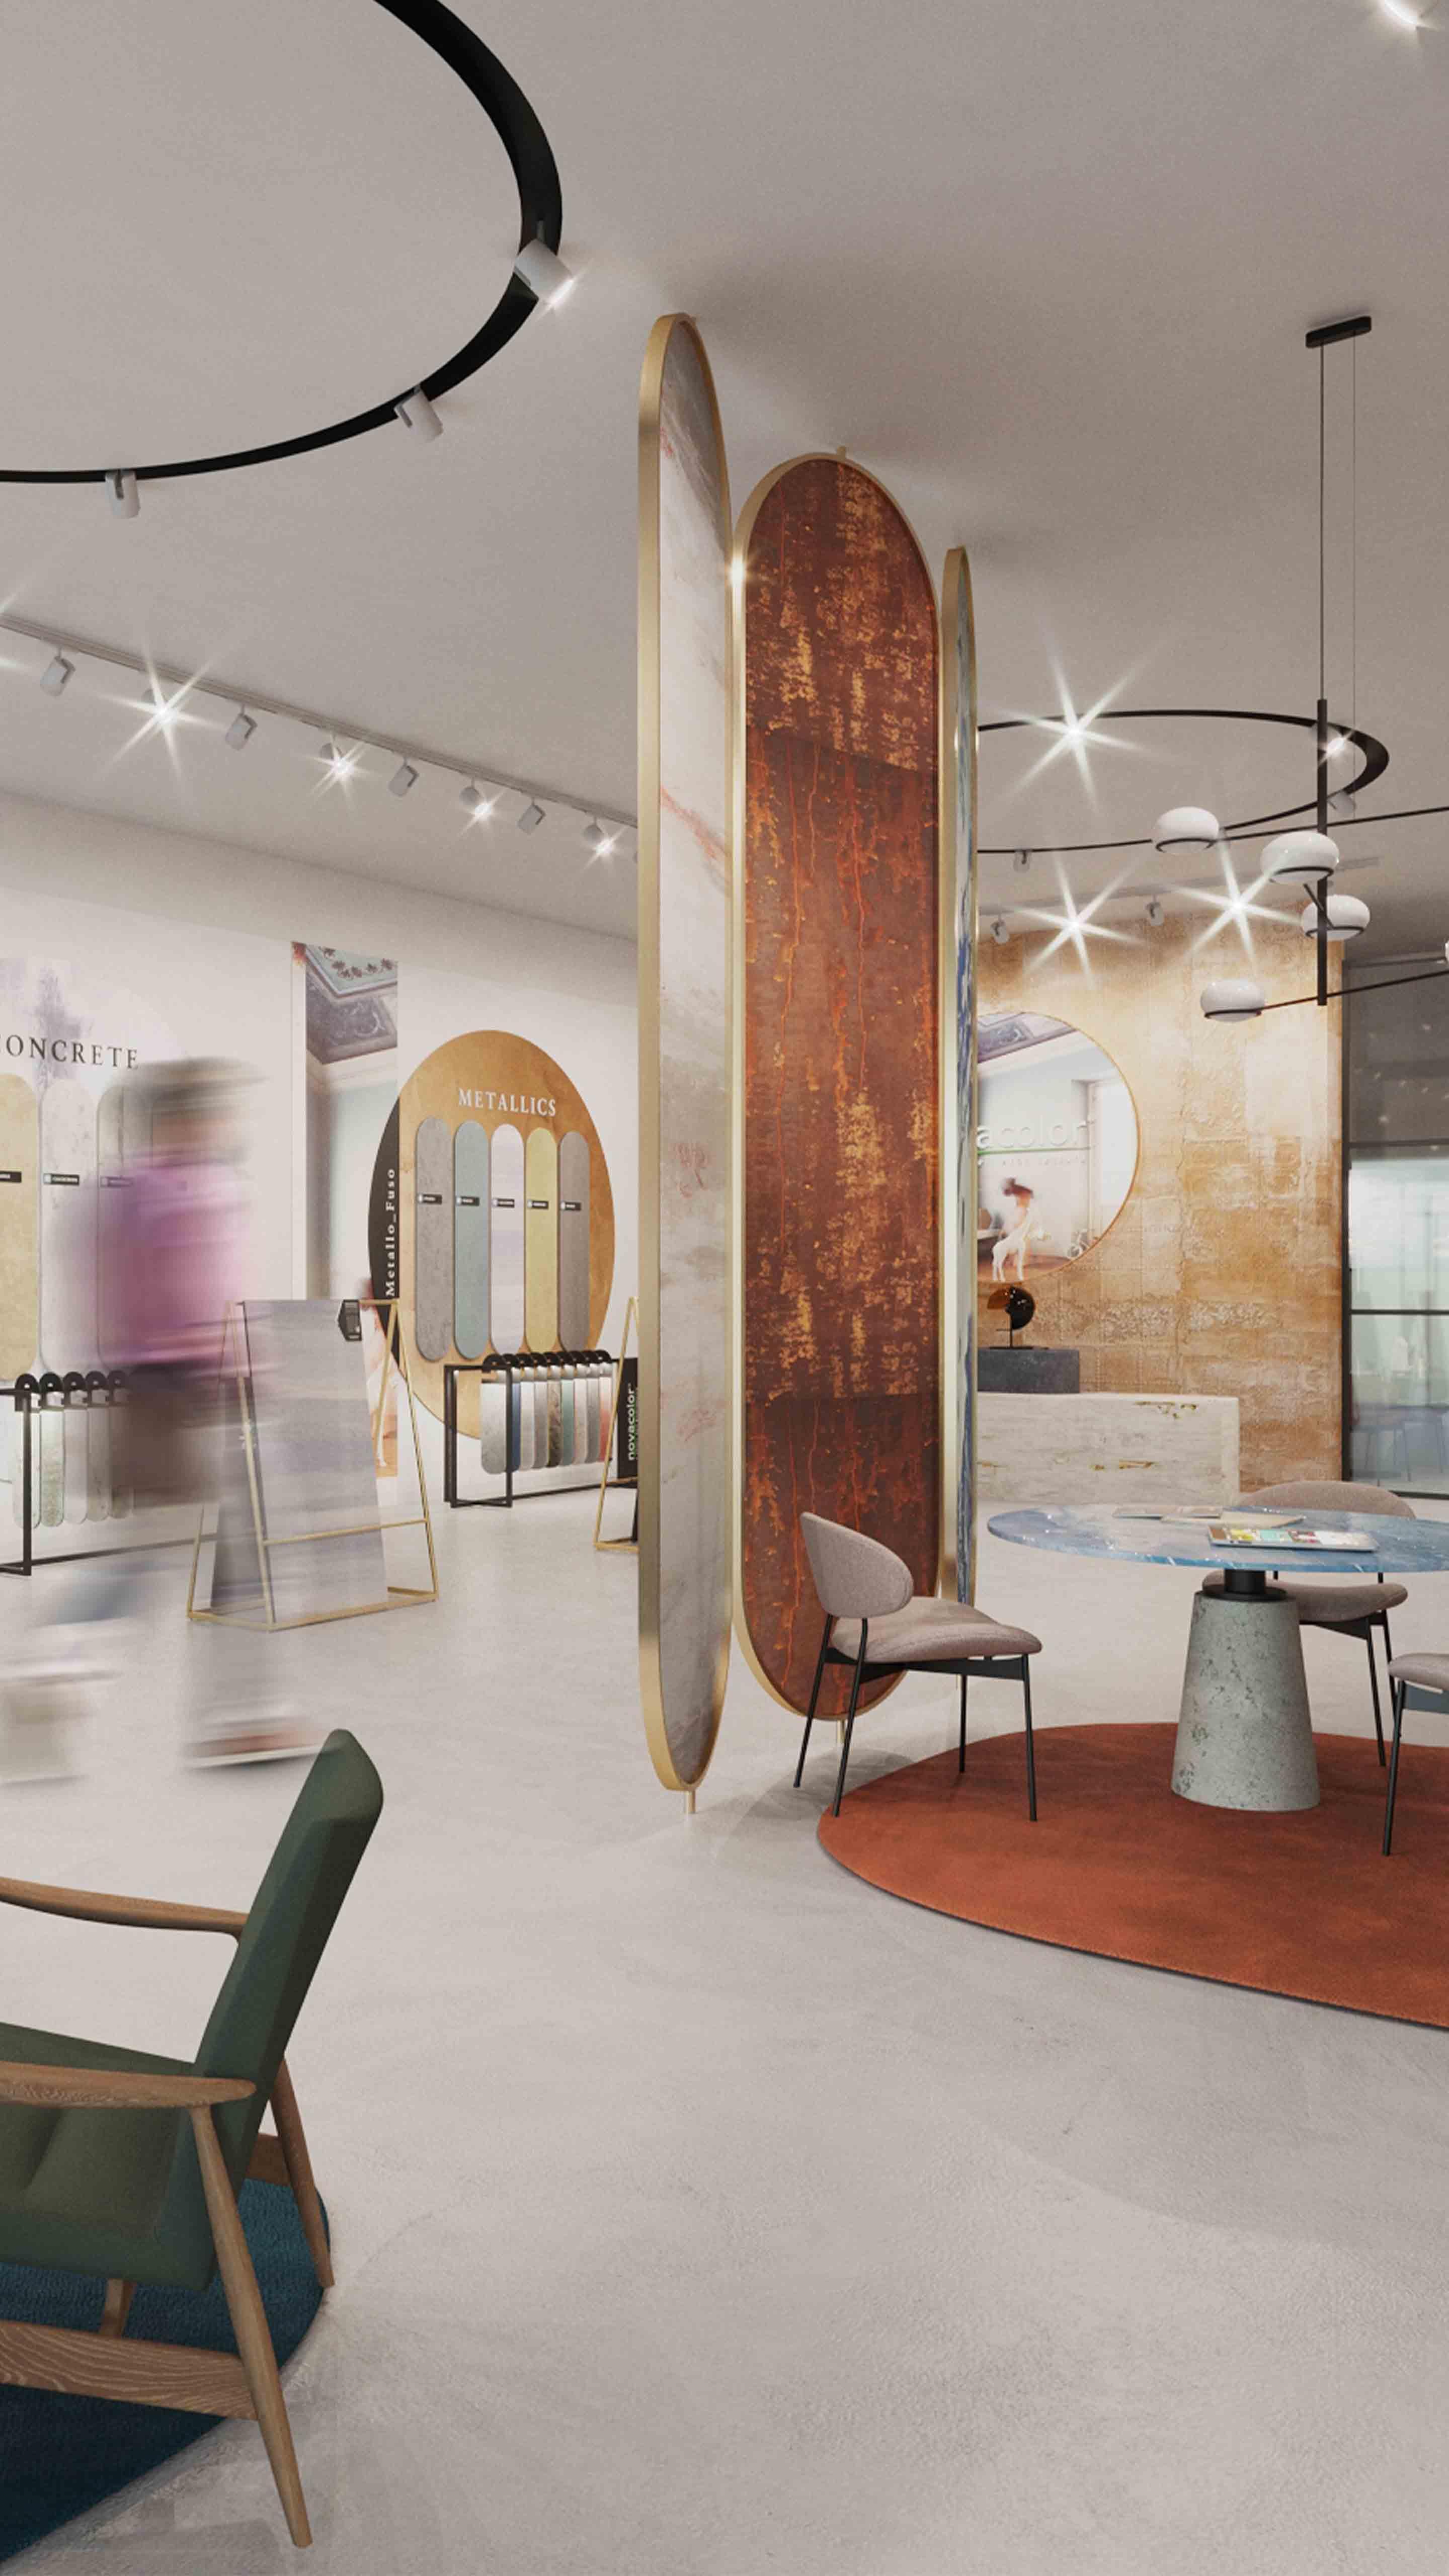 Salle d'exposition de formats Format showroom